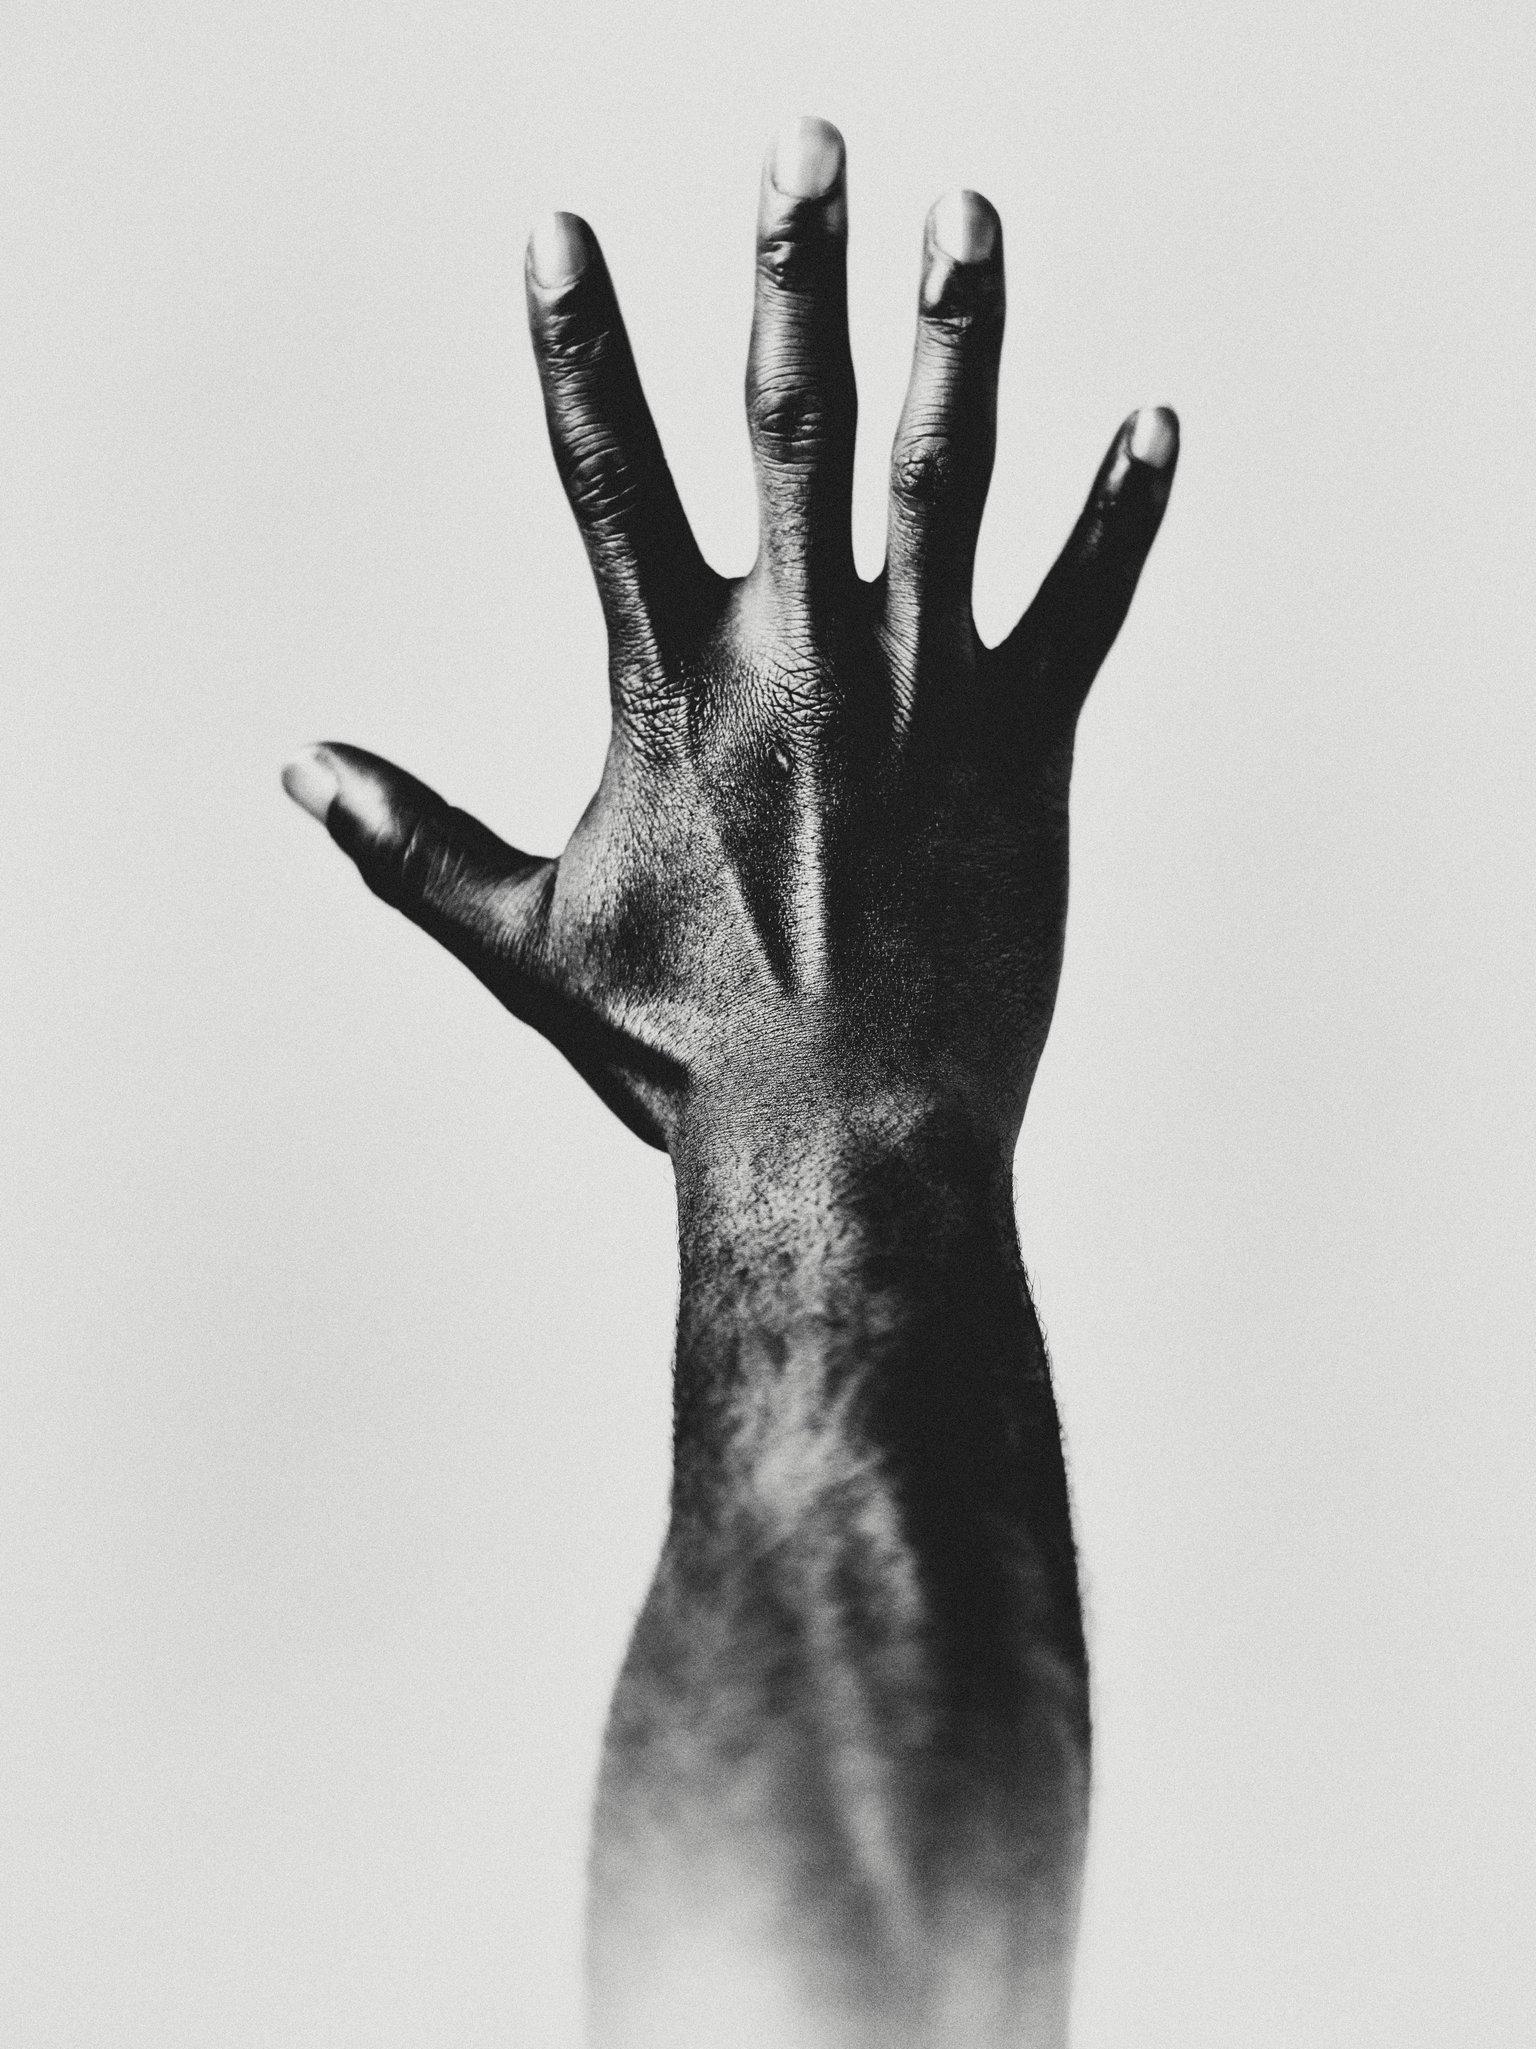 Geoffy Hand © Bastiaan Woudt